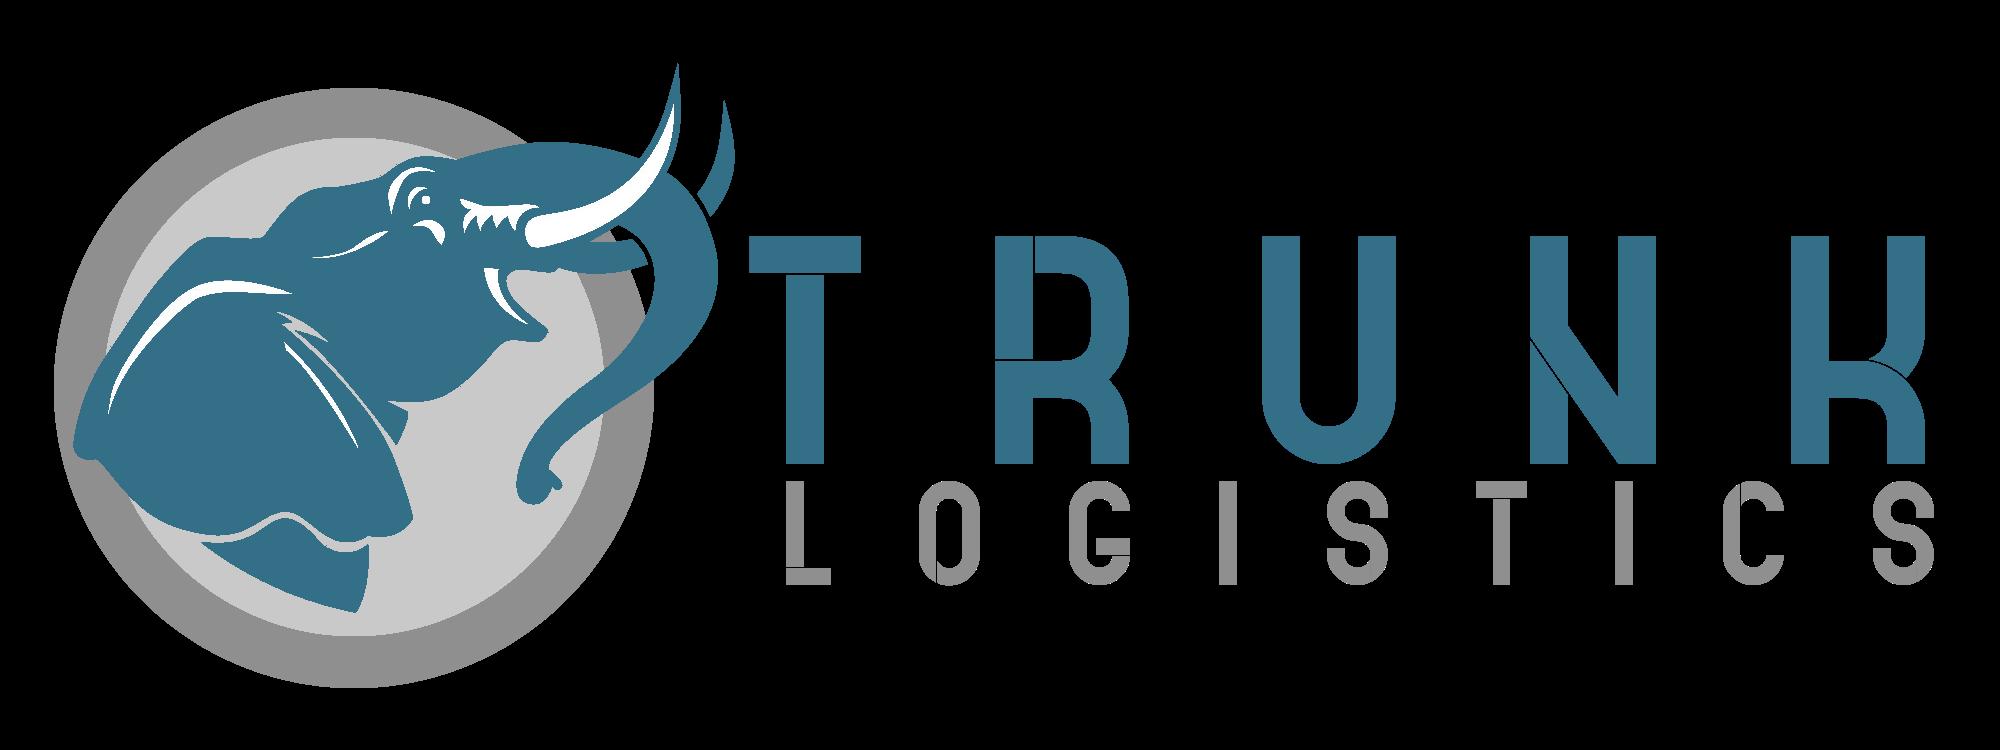 Trunk-Logistics-Ltd